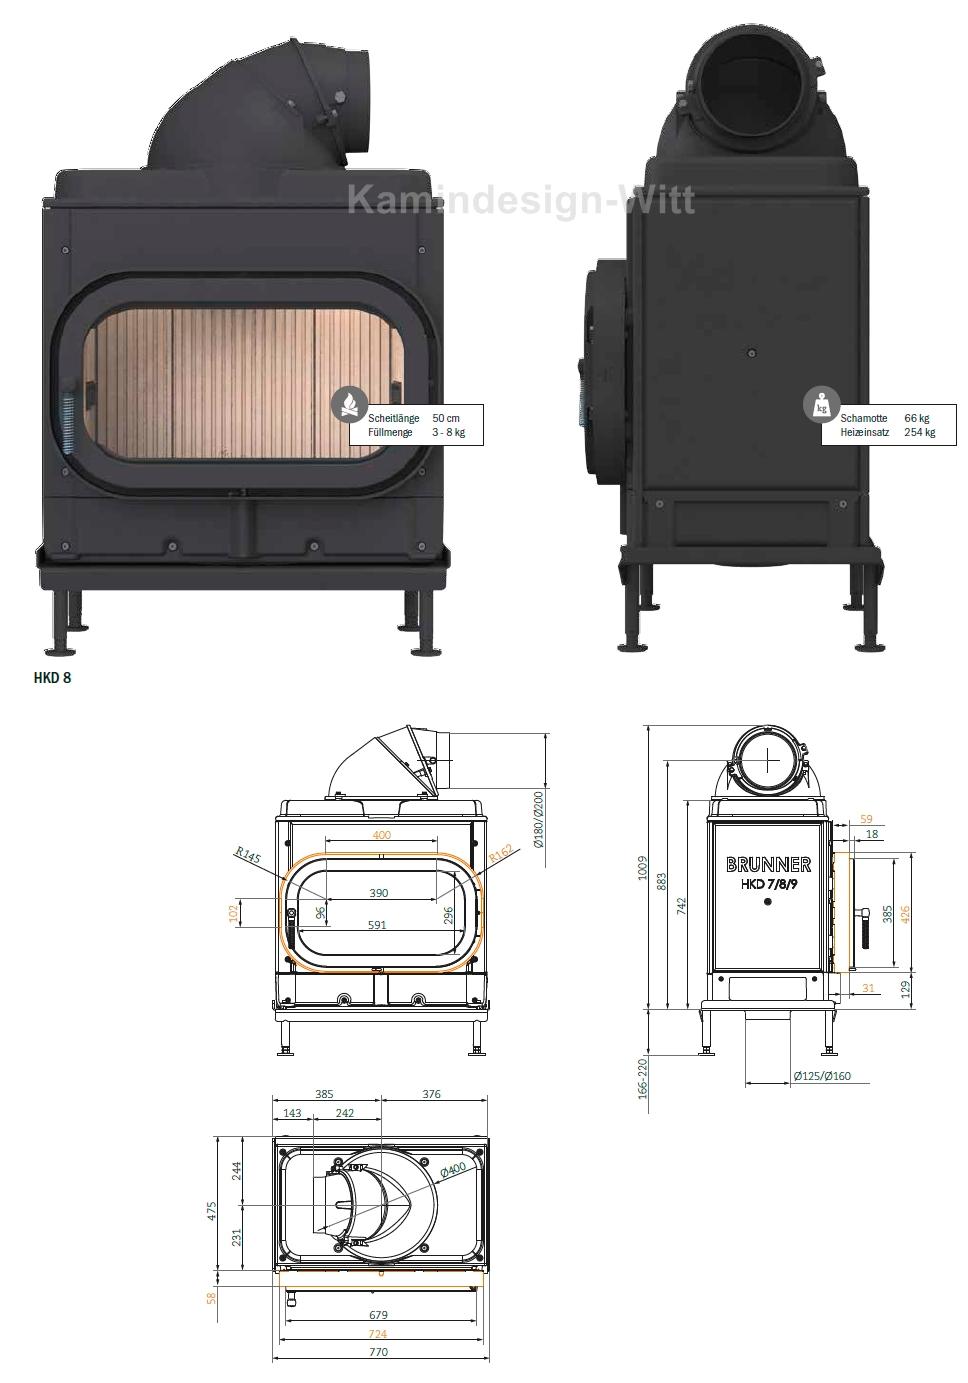 der neue brunner hkd 8 hkd 9 hotline 7 21 uhr 0177. Black Bedroom Furniture Sets. Home Design Ideas